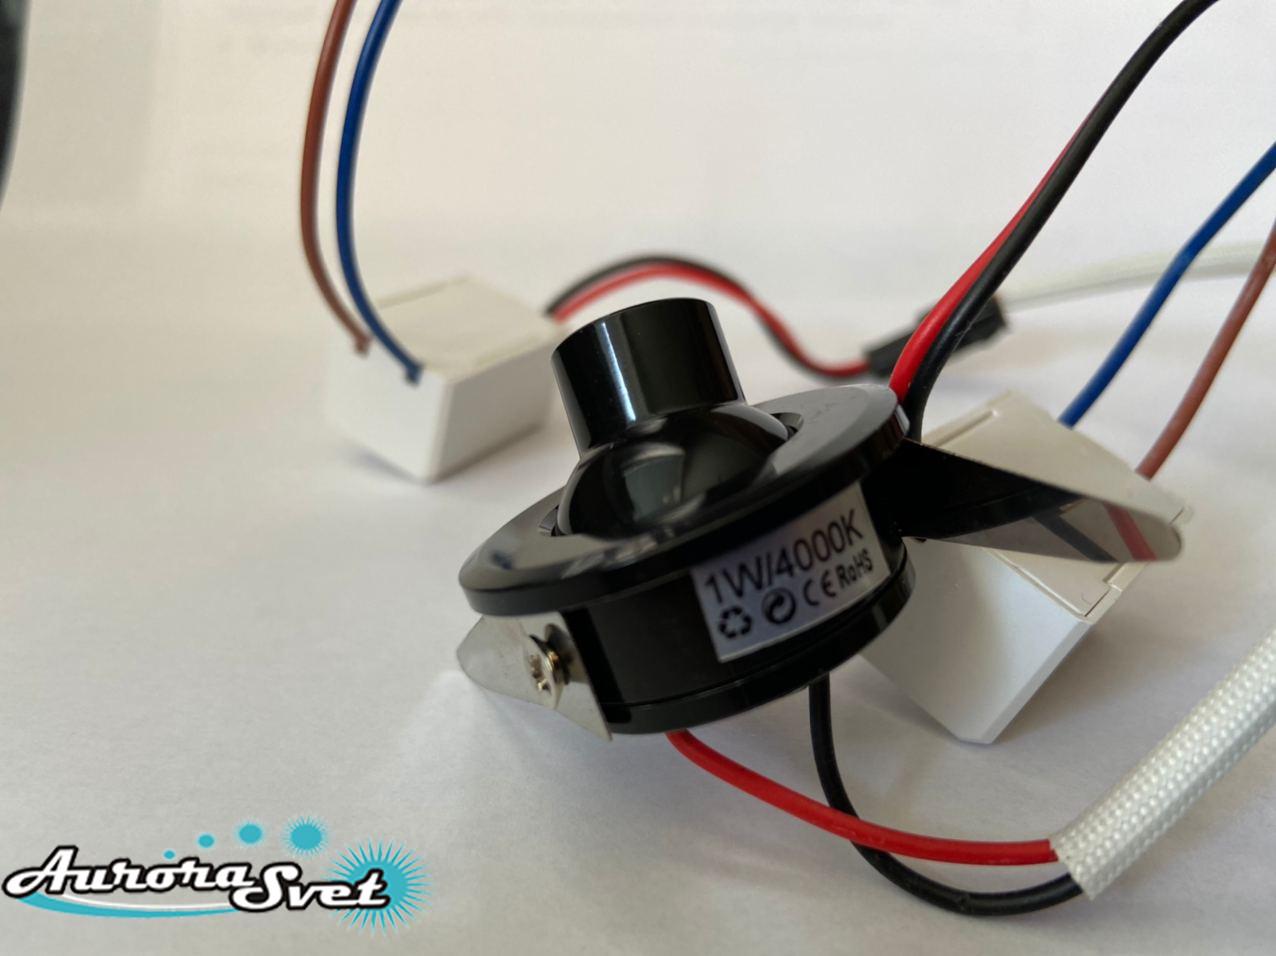 Ювелірний світильник врізний для освітлення вітрин ювелірних. LED освітлення. Світлодіодне освітлення.